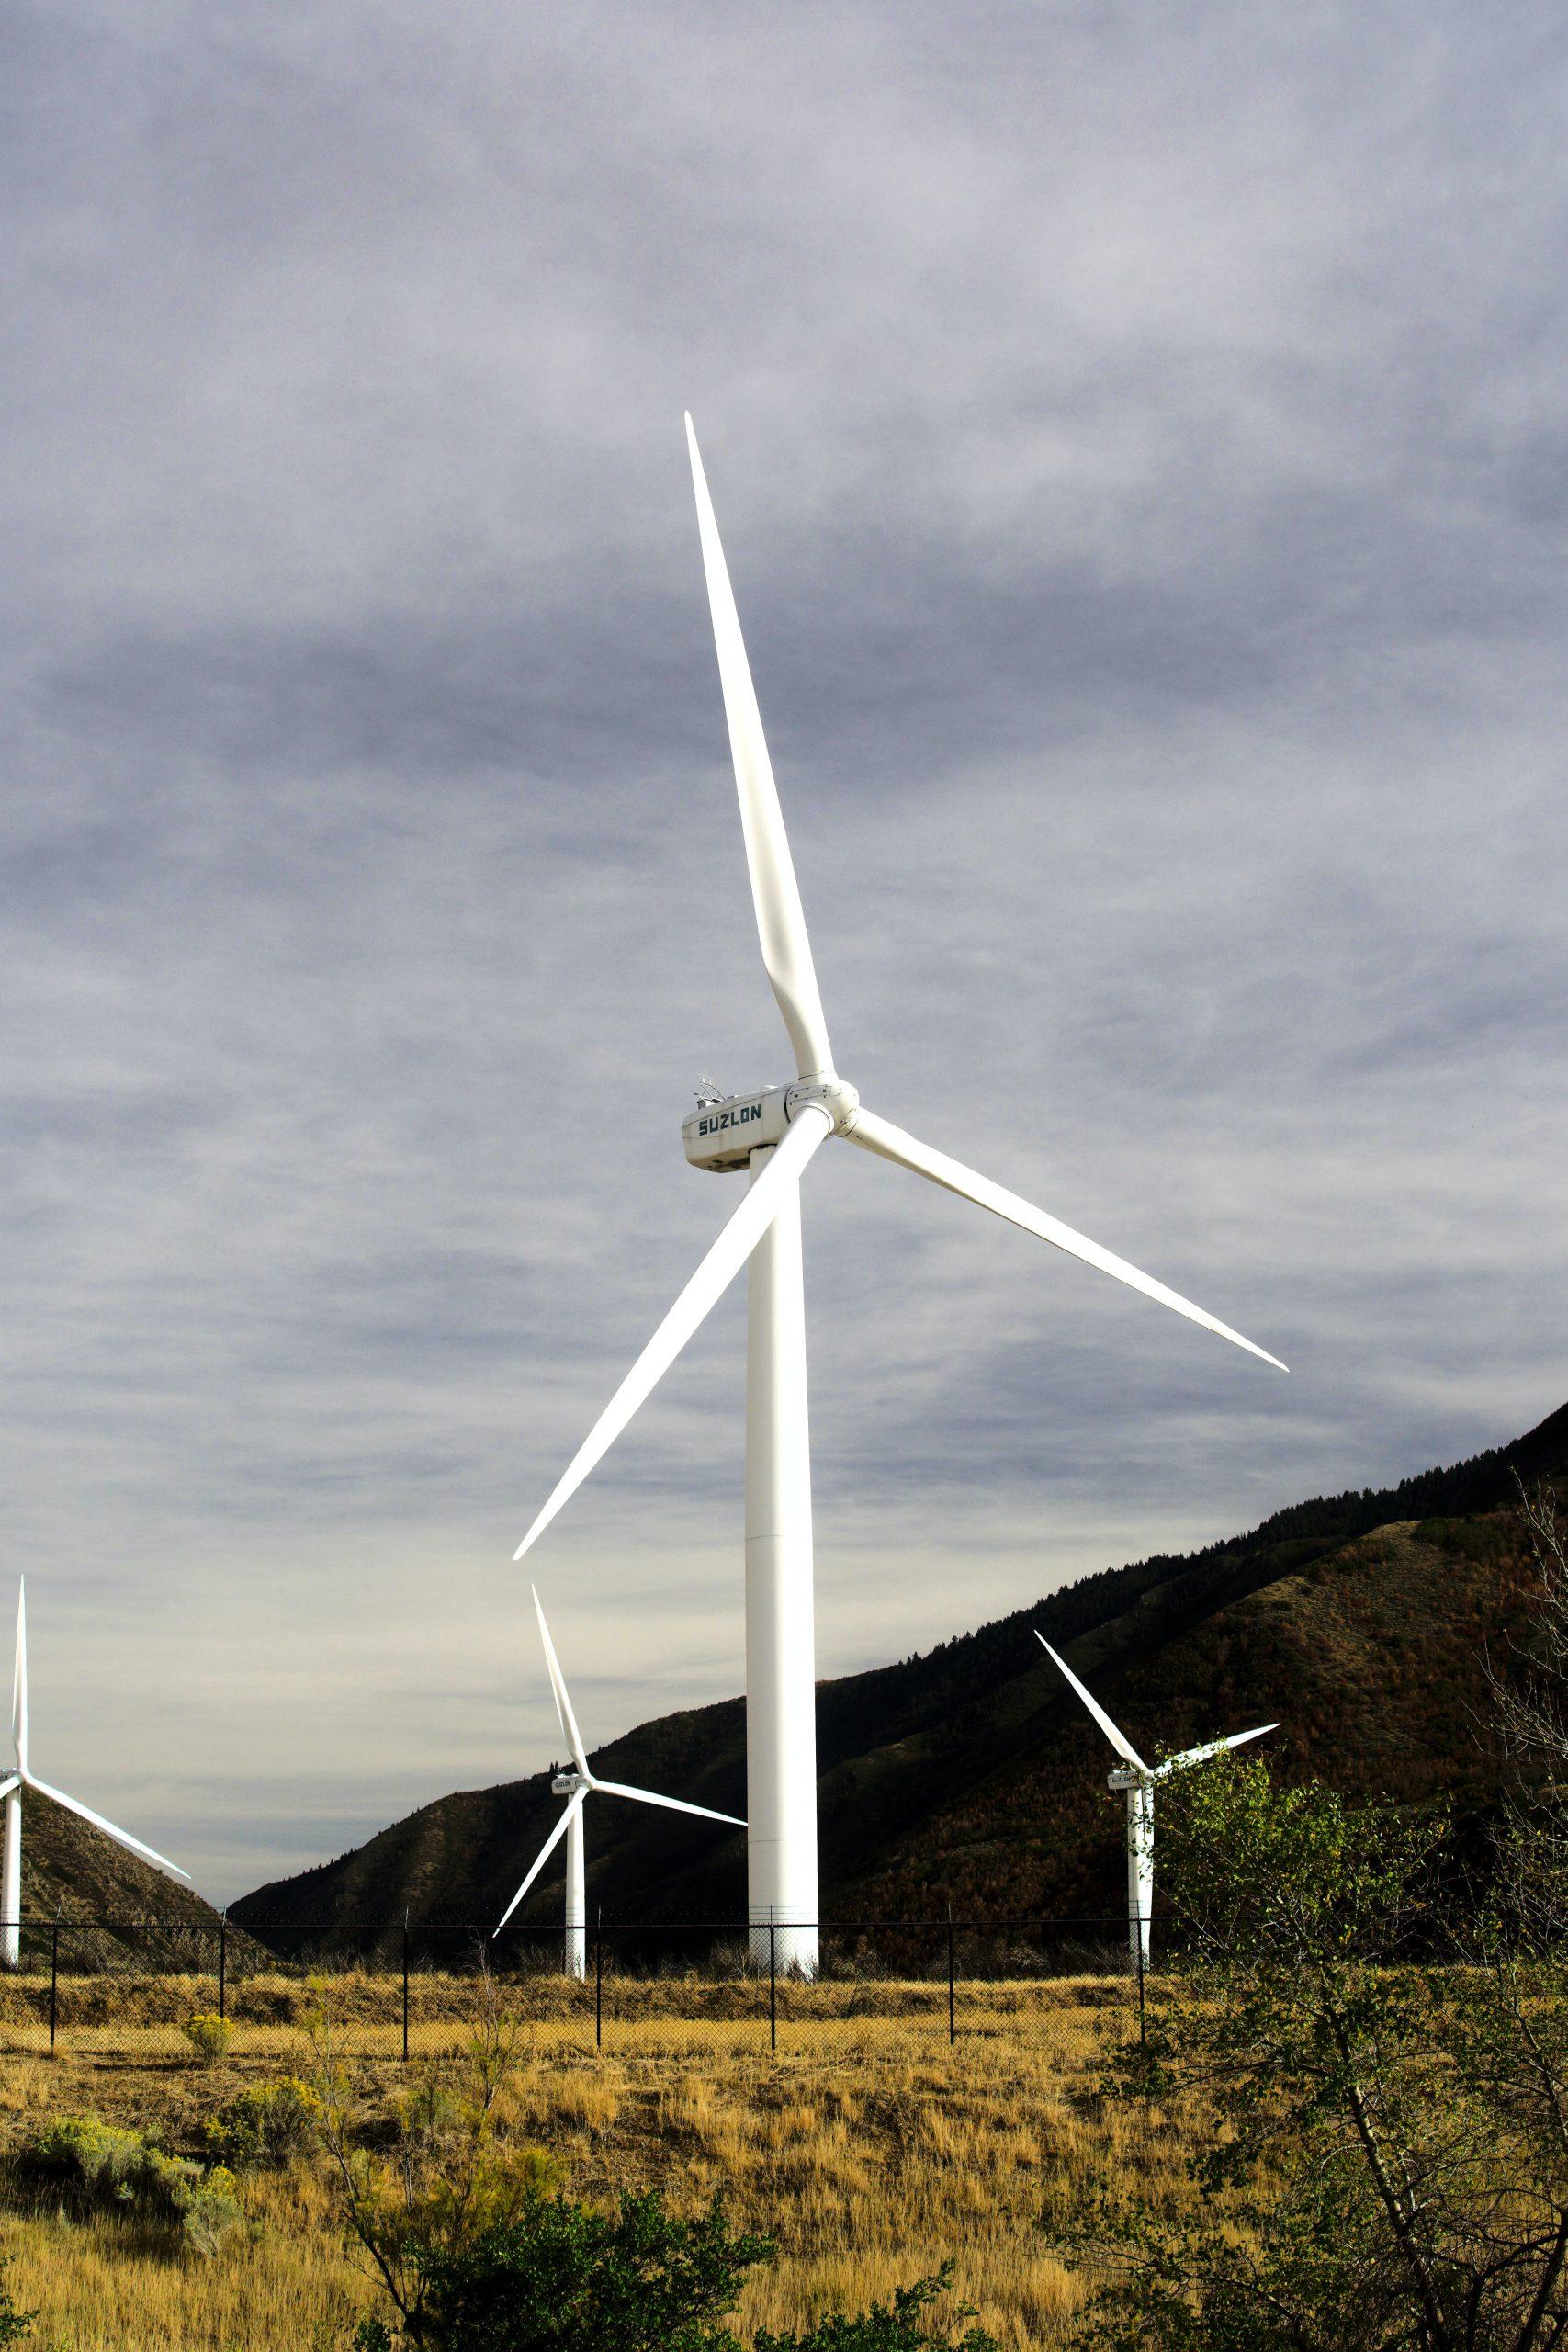 GREE – C'est bruyant, une éolienne ?